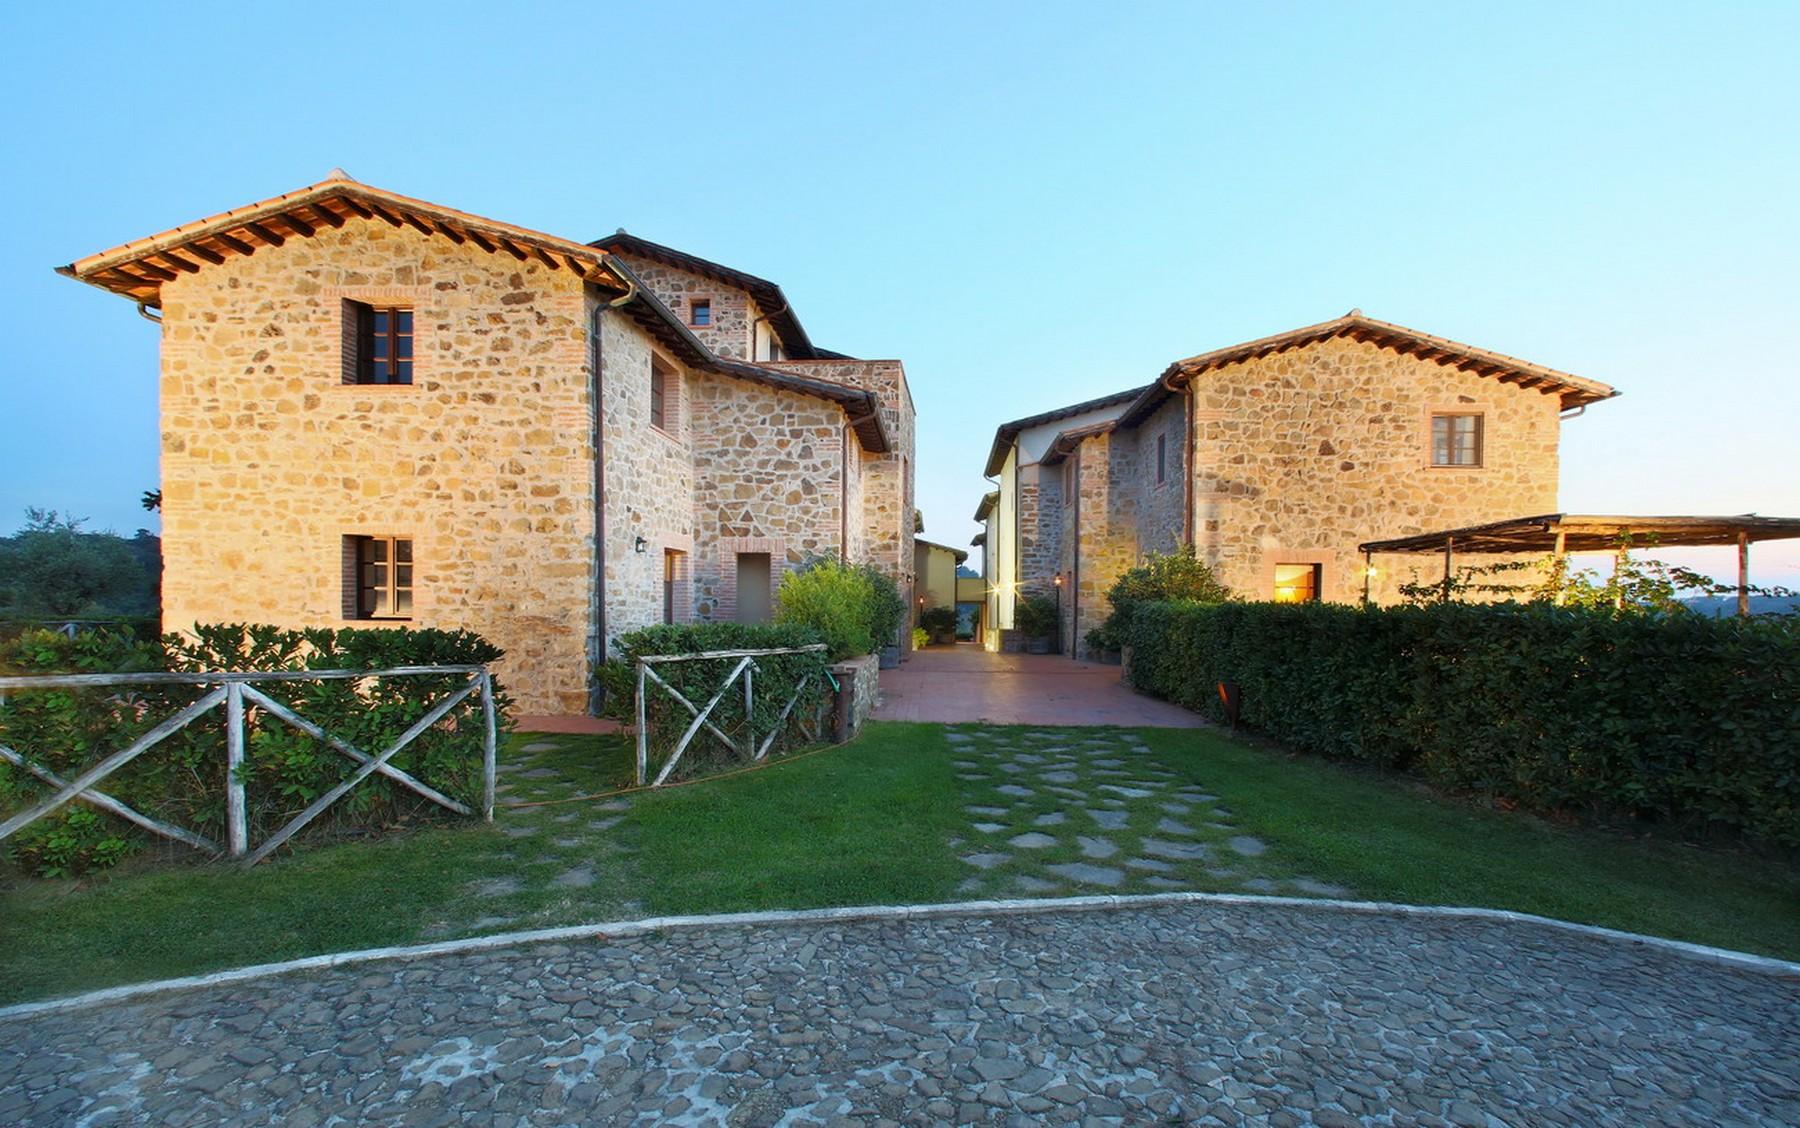 Appartamento in Vendita a Scansano: 5 locali, 150 mq